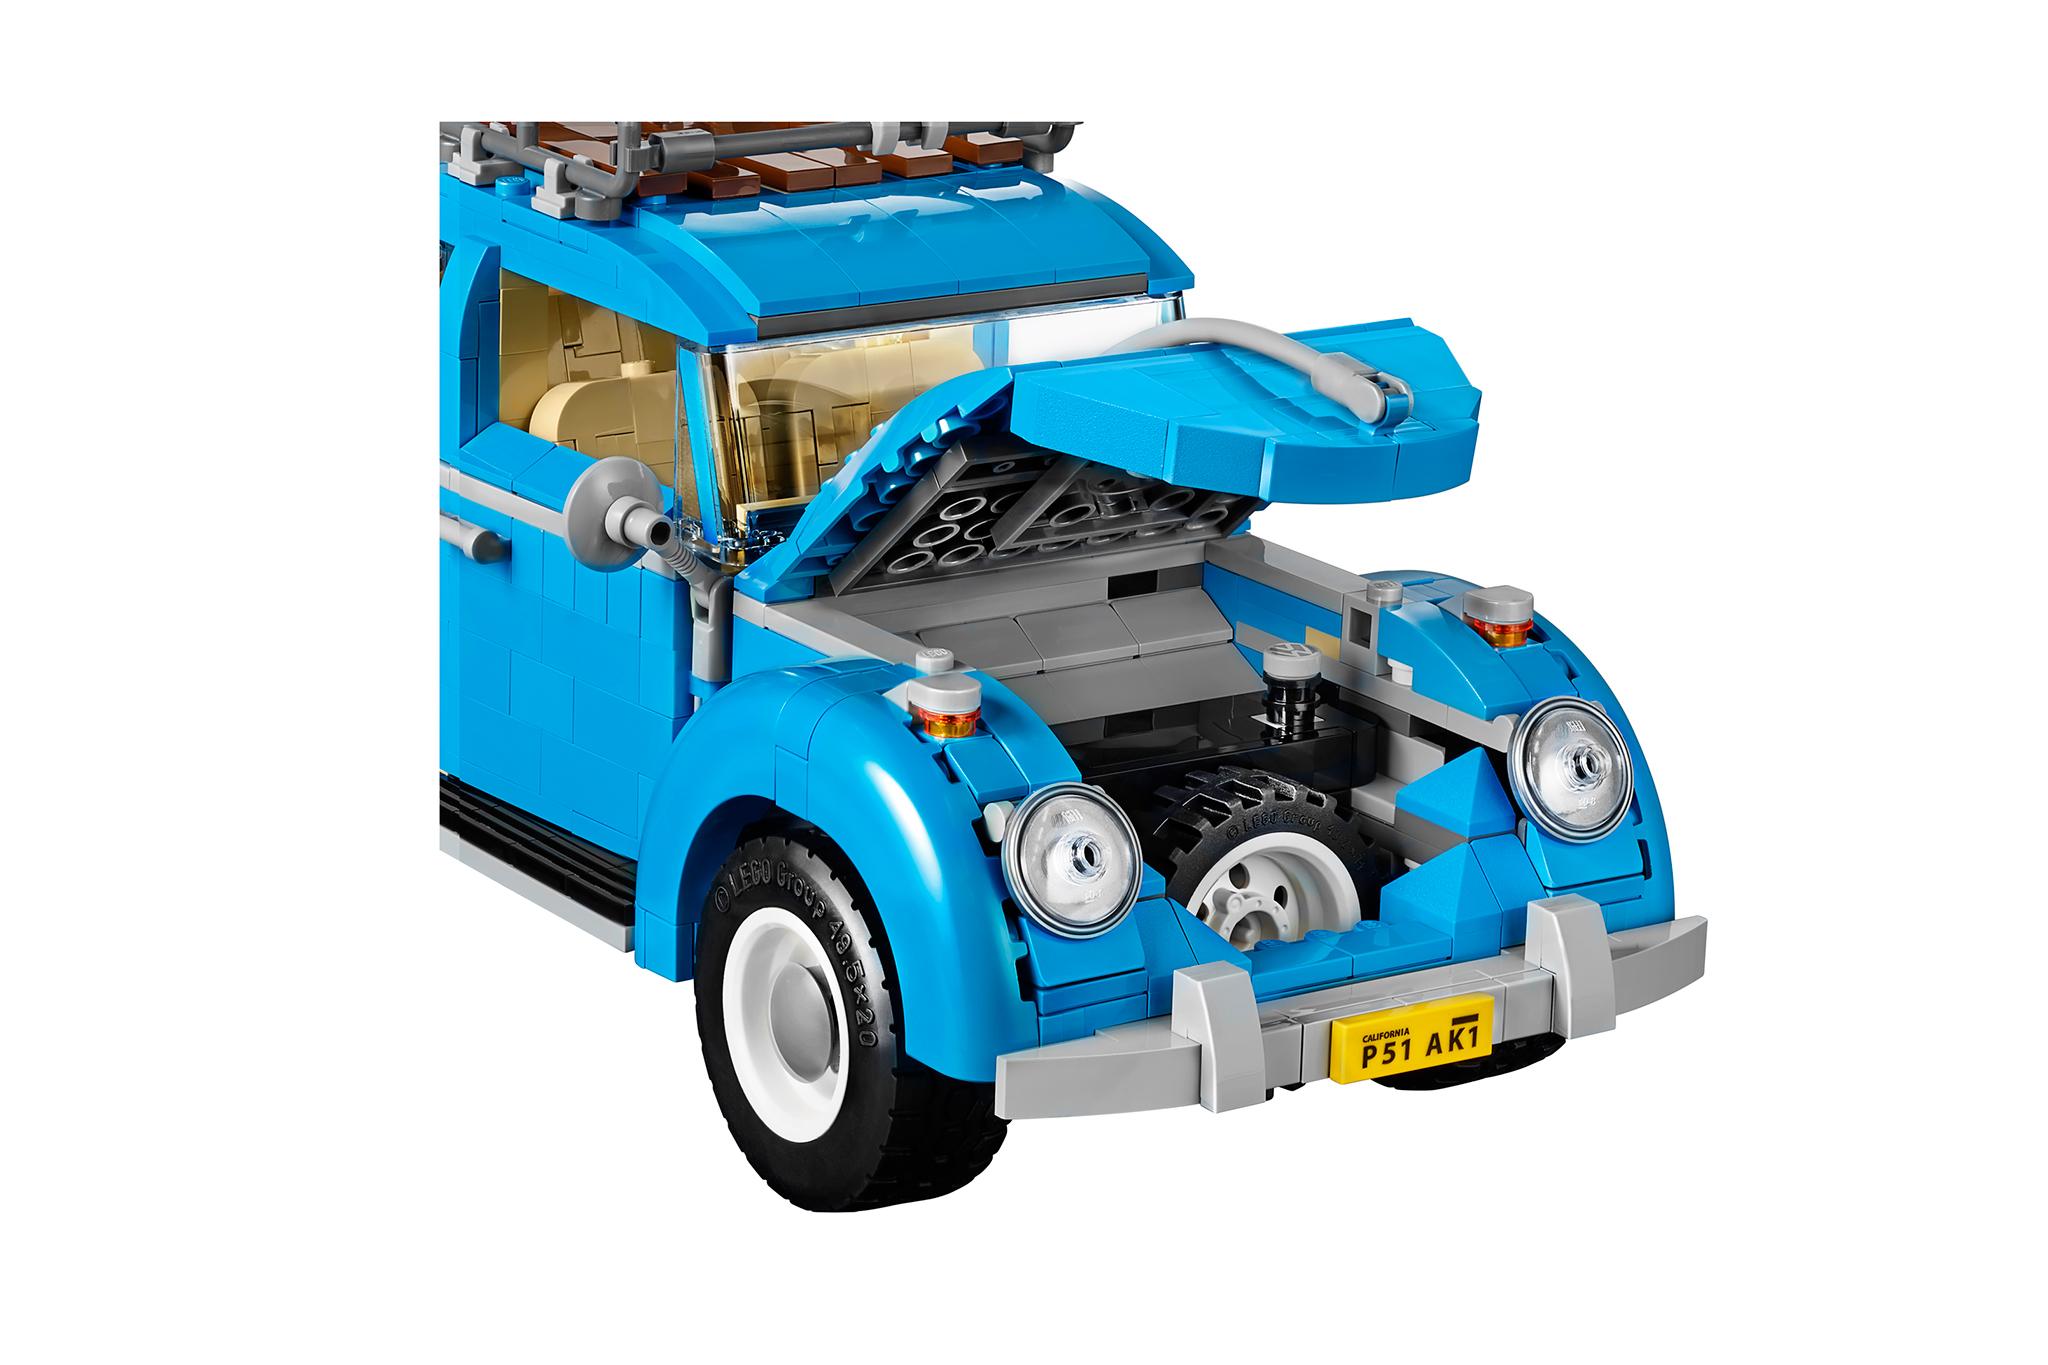 Lego Creator Expert Beetle